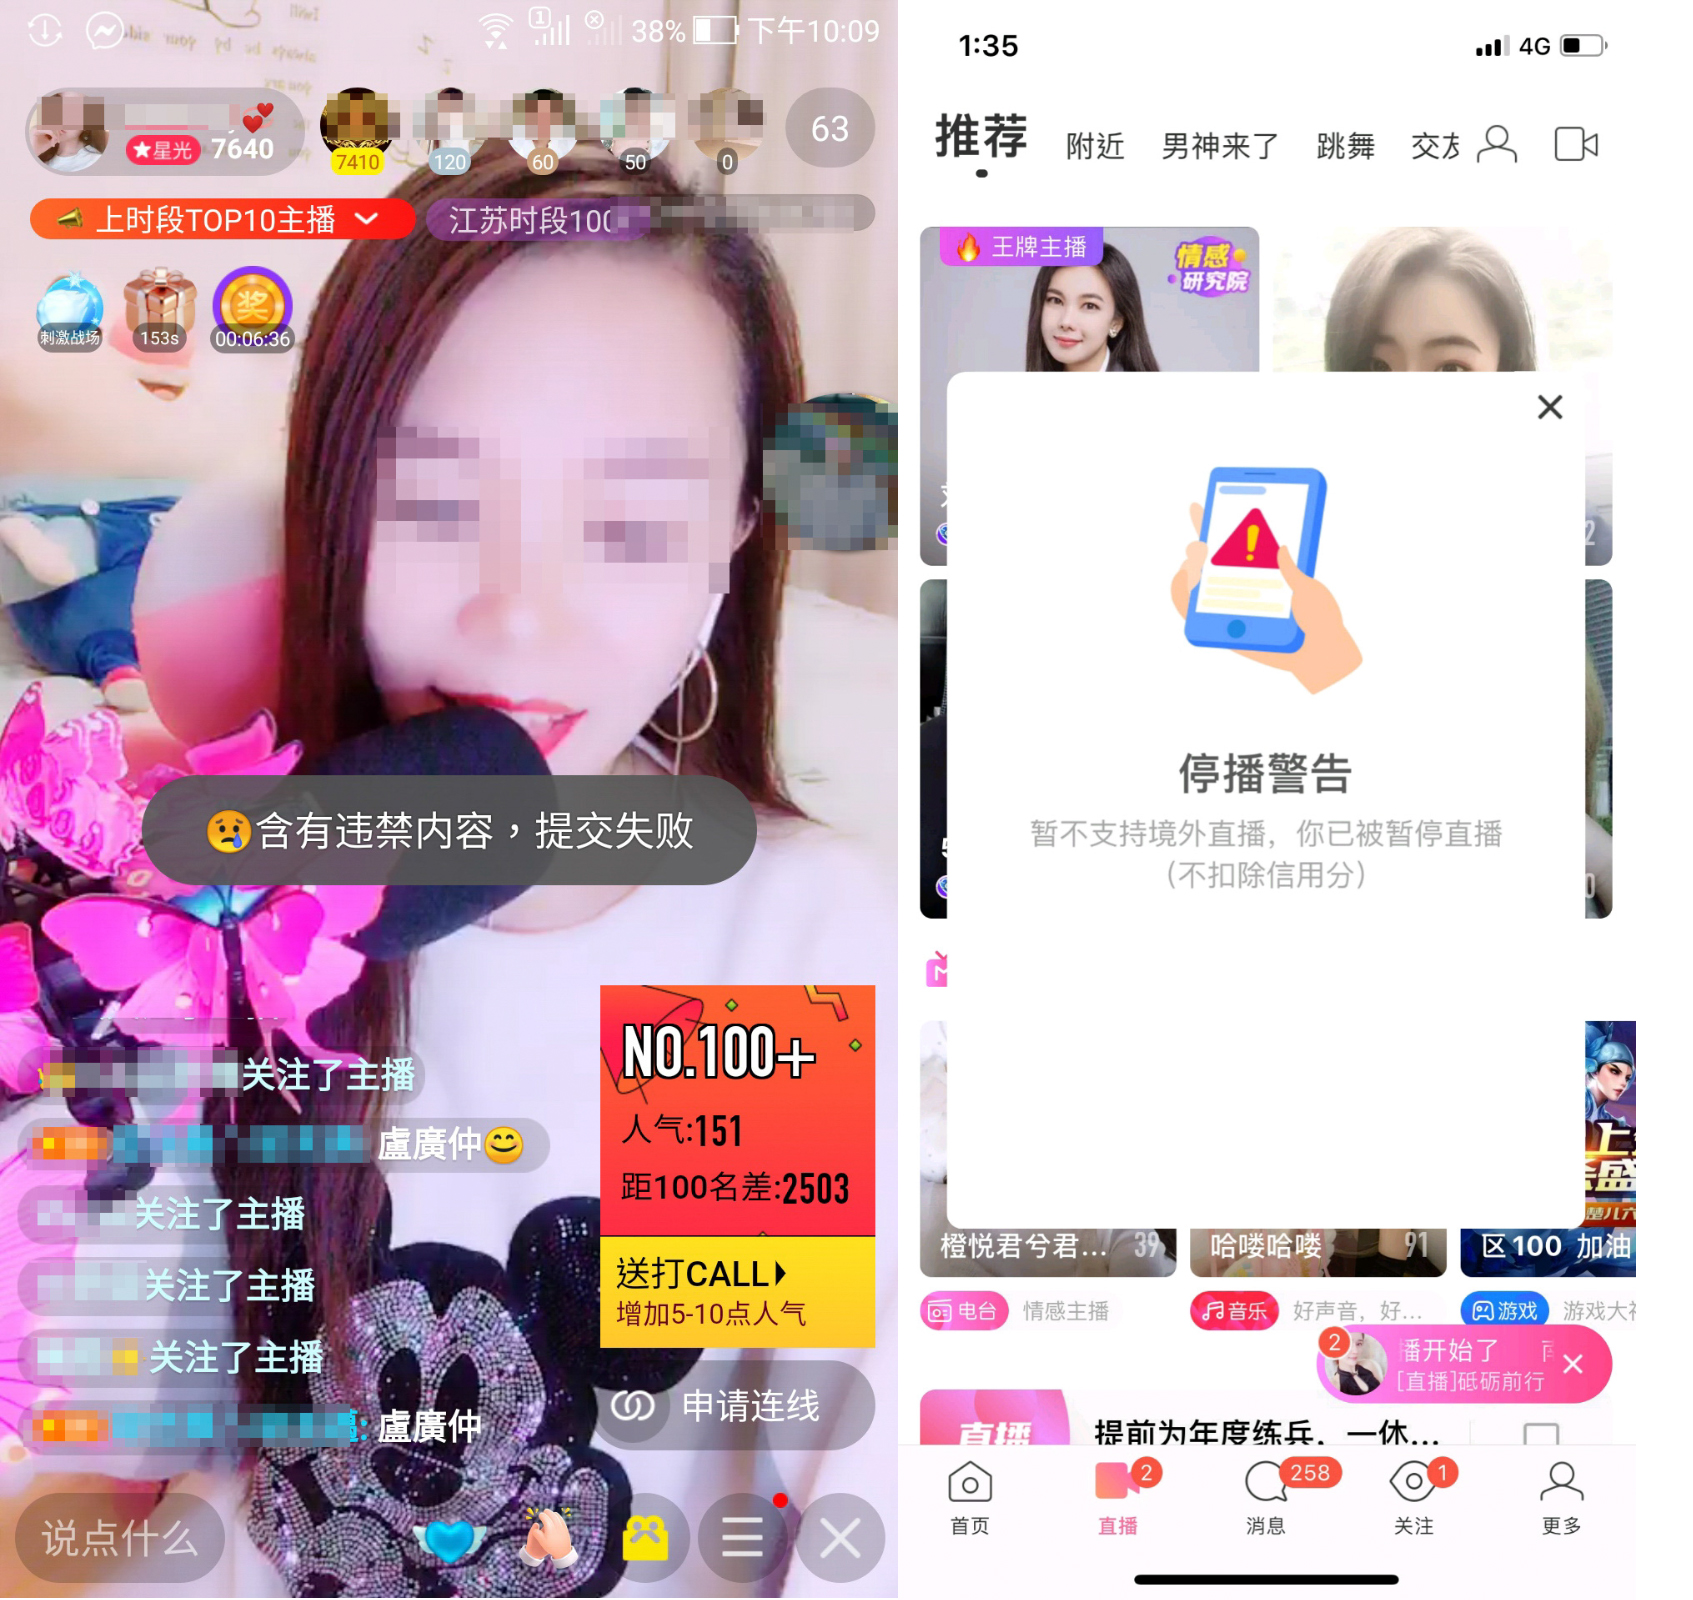 图说:在直播中出现了敏感词「卢广仲」就被系统禁止发送。(照片提供/谢台新)